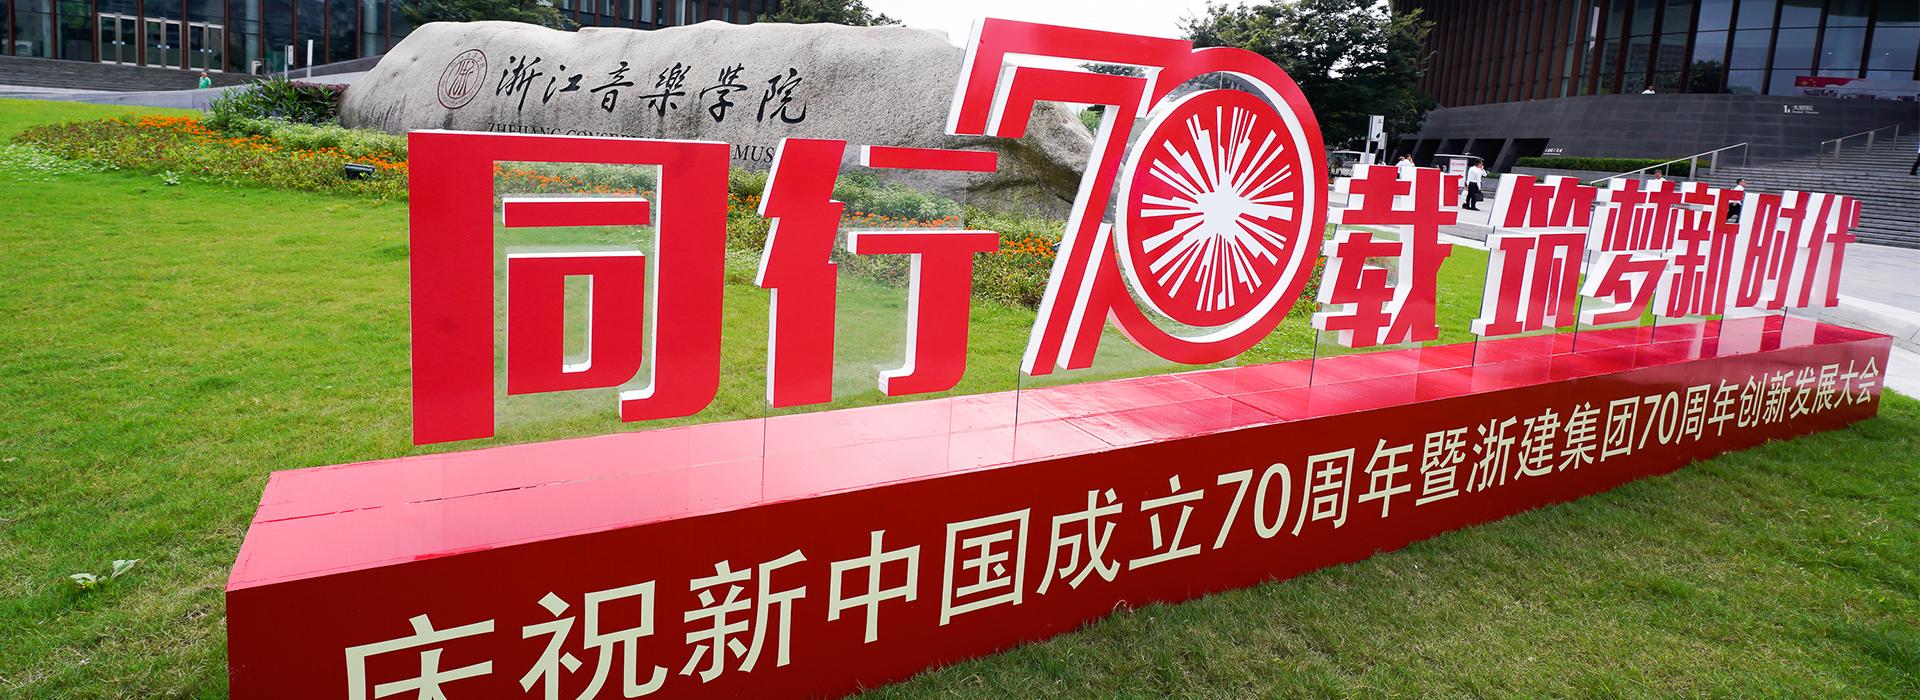 庆祝新中国成立70周年暨浙建贝博正网|贝博赞助西甲|贝博网址70周年创新发展大会胜利召开